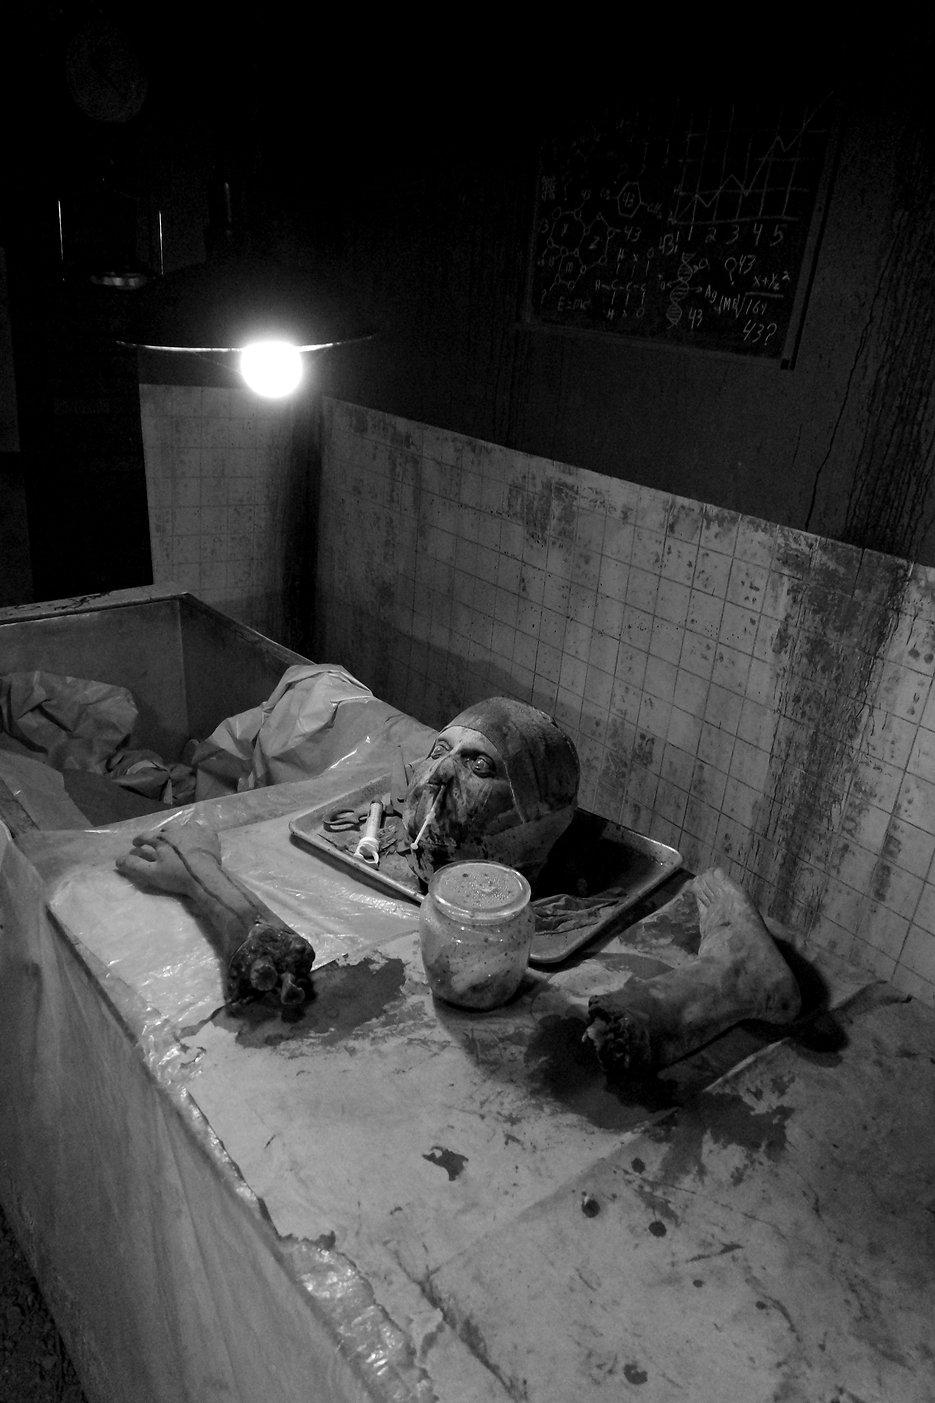 43 nightmares morgue room